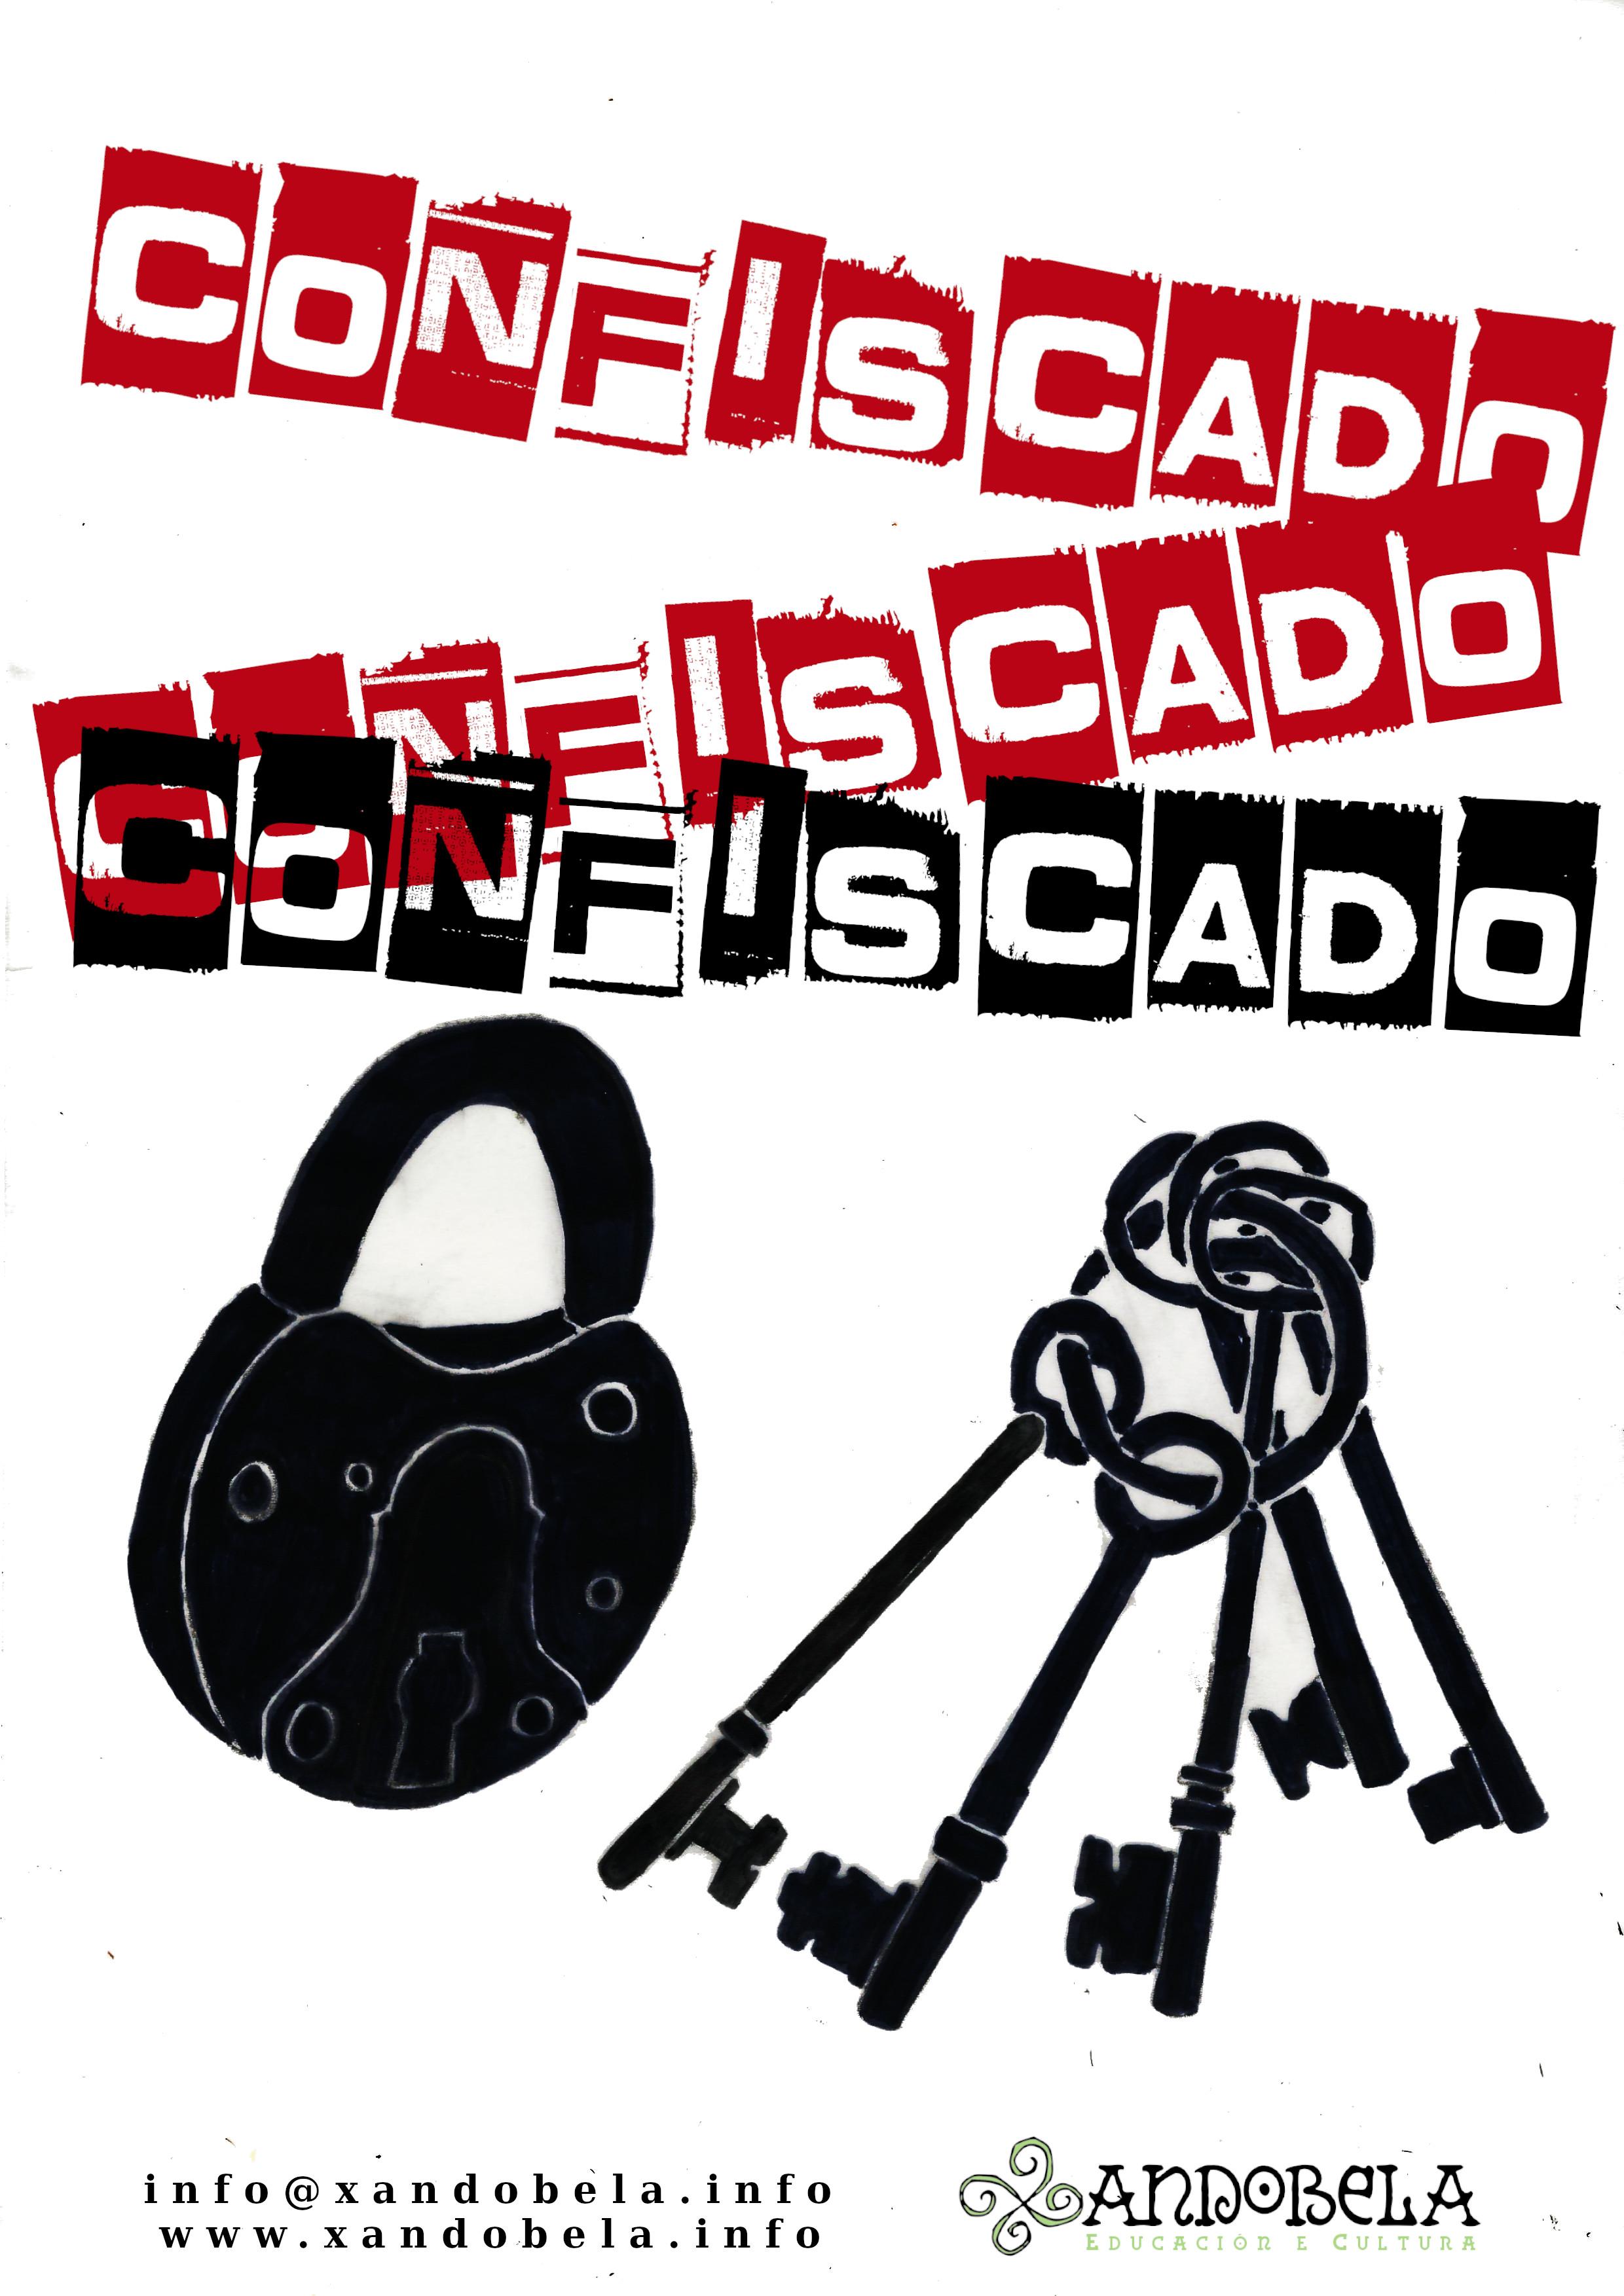 Confiscado